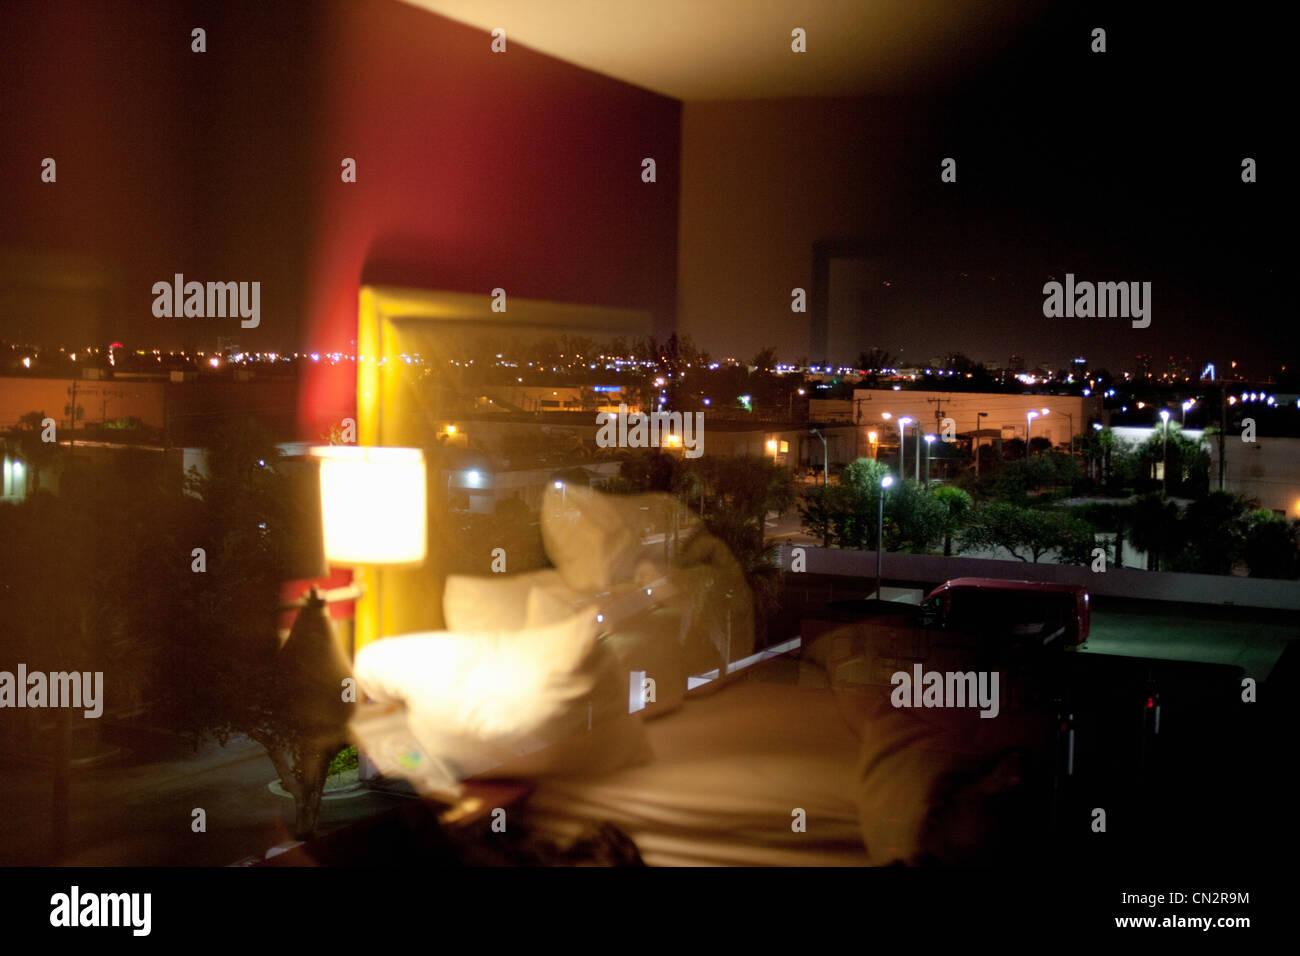 La habitación del hotel en la noche Imagen De Stock